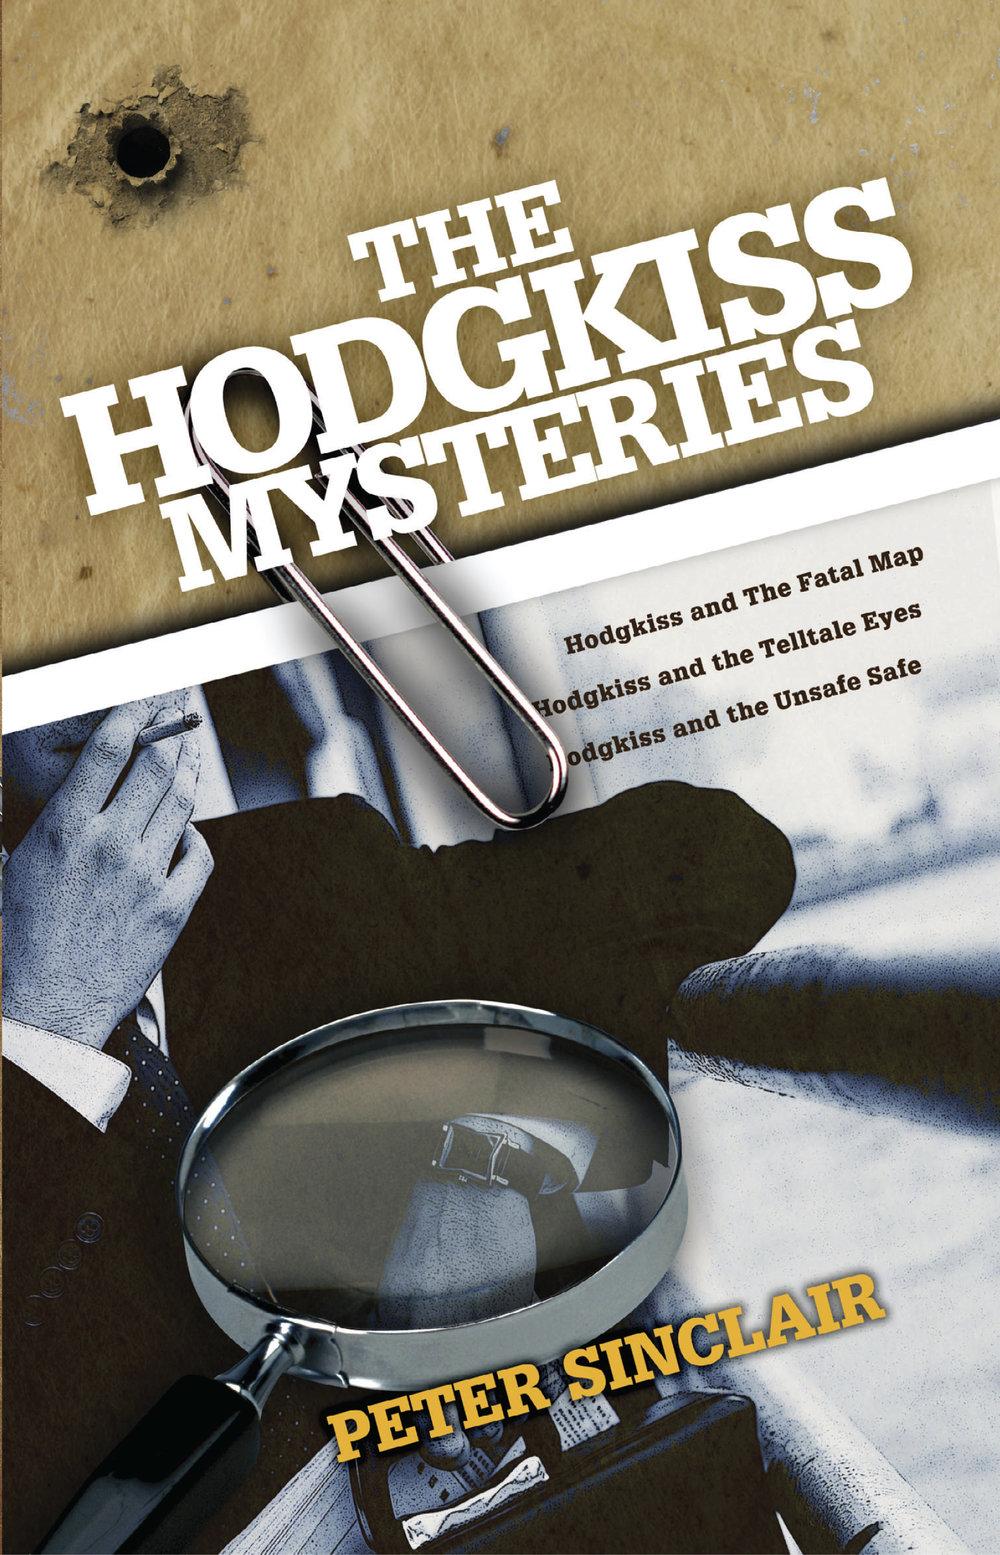 Hodgkiss Mysteries I_cover_PRINT.jpg